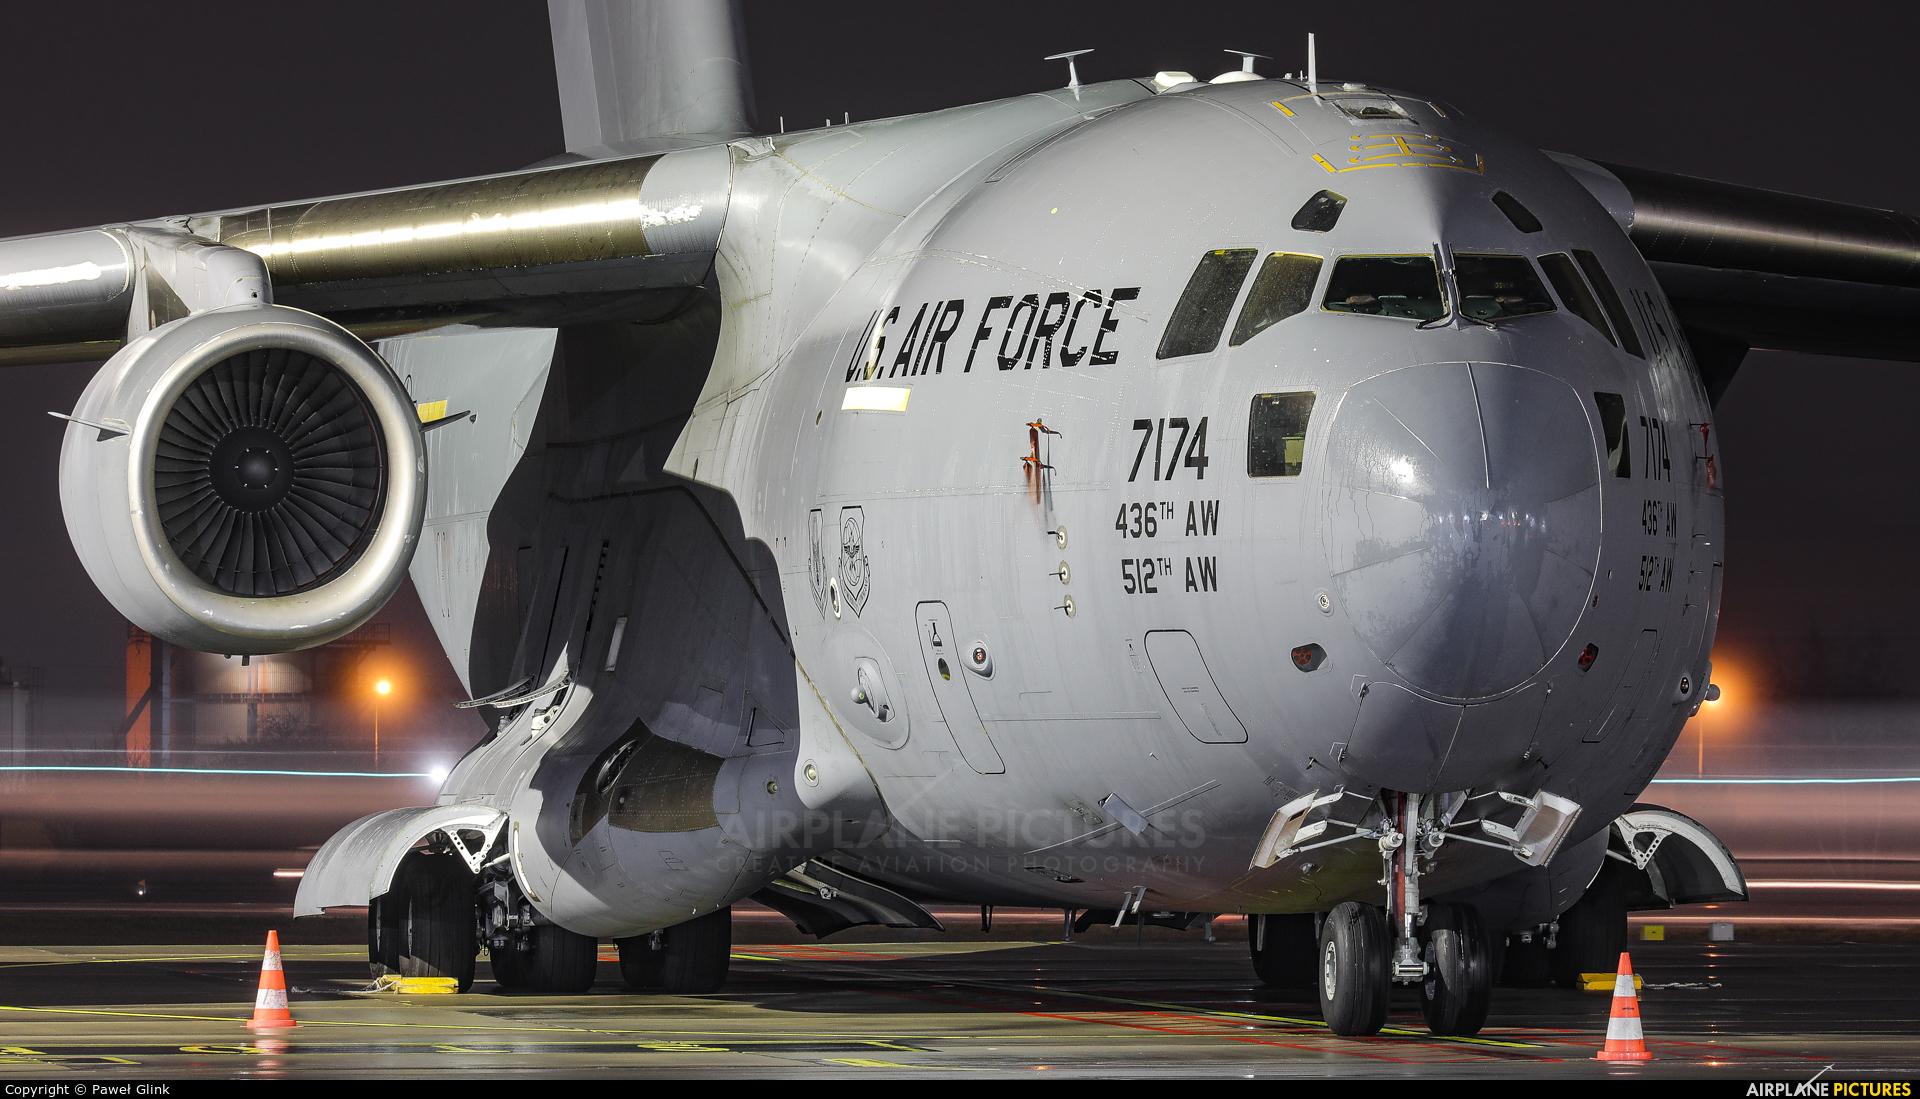 USA - Air Force 07-7174 aircraft at Gdańsk - Lech Wałęsa